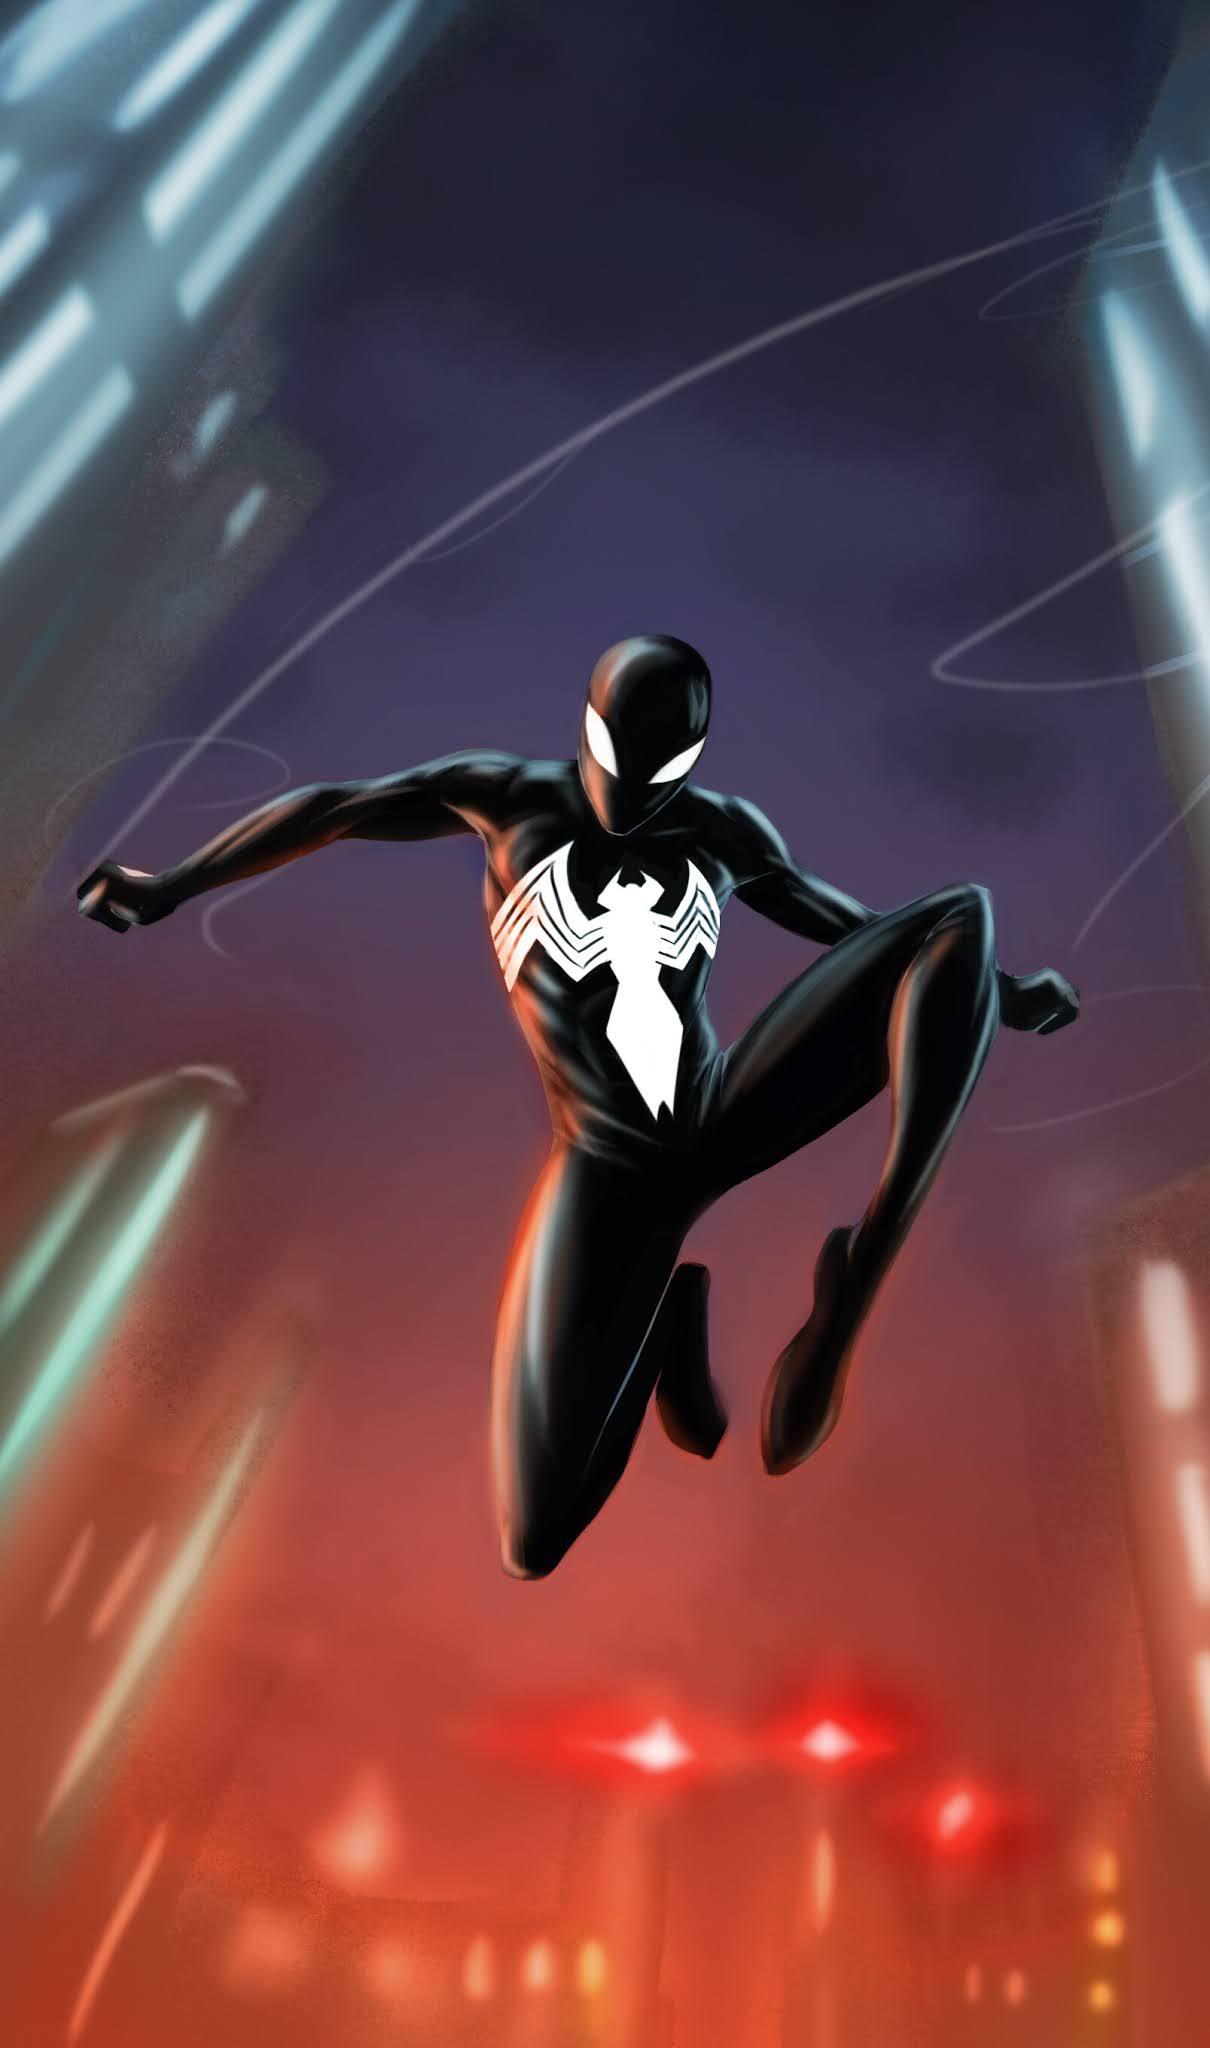 symbiote spiderman mobile wallpaper